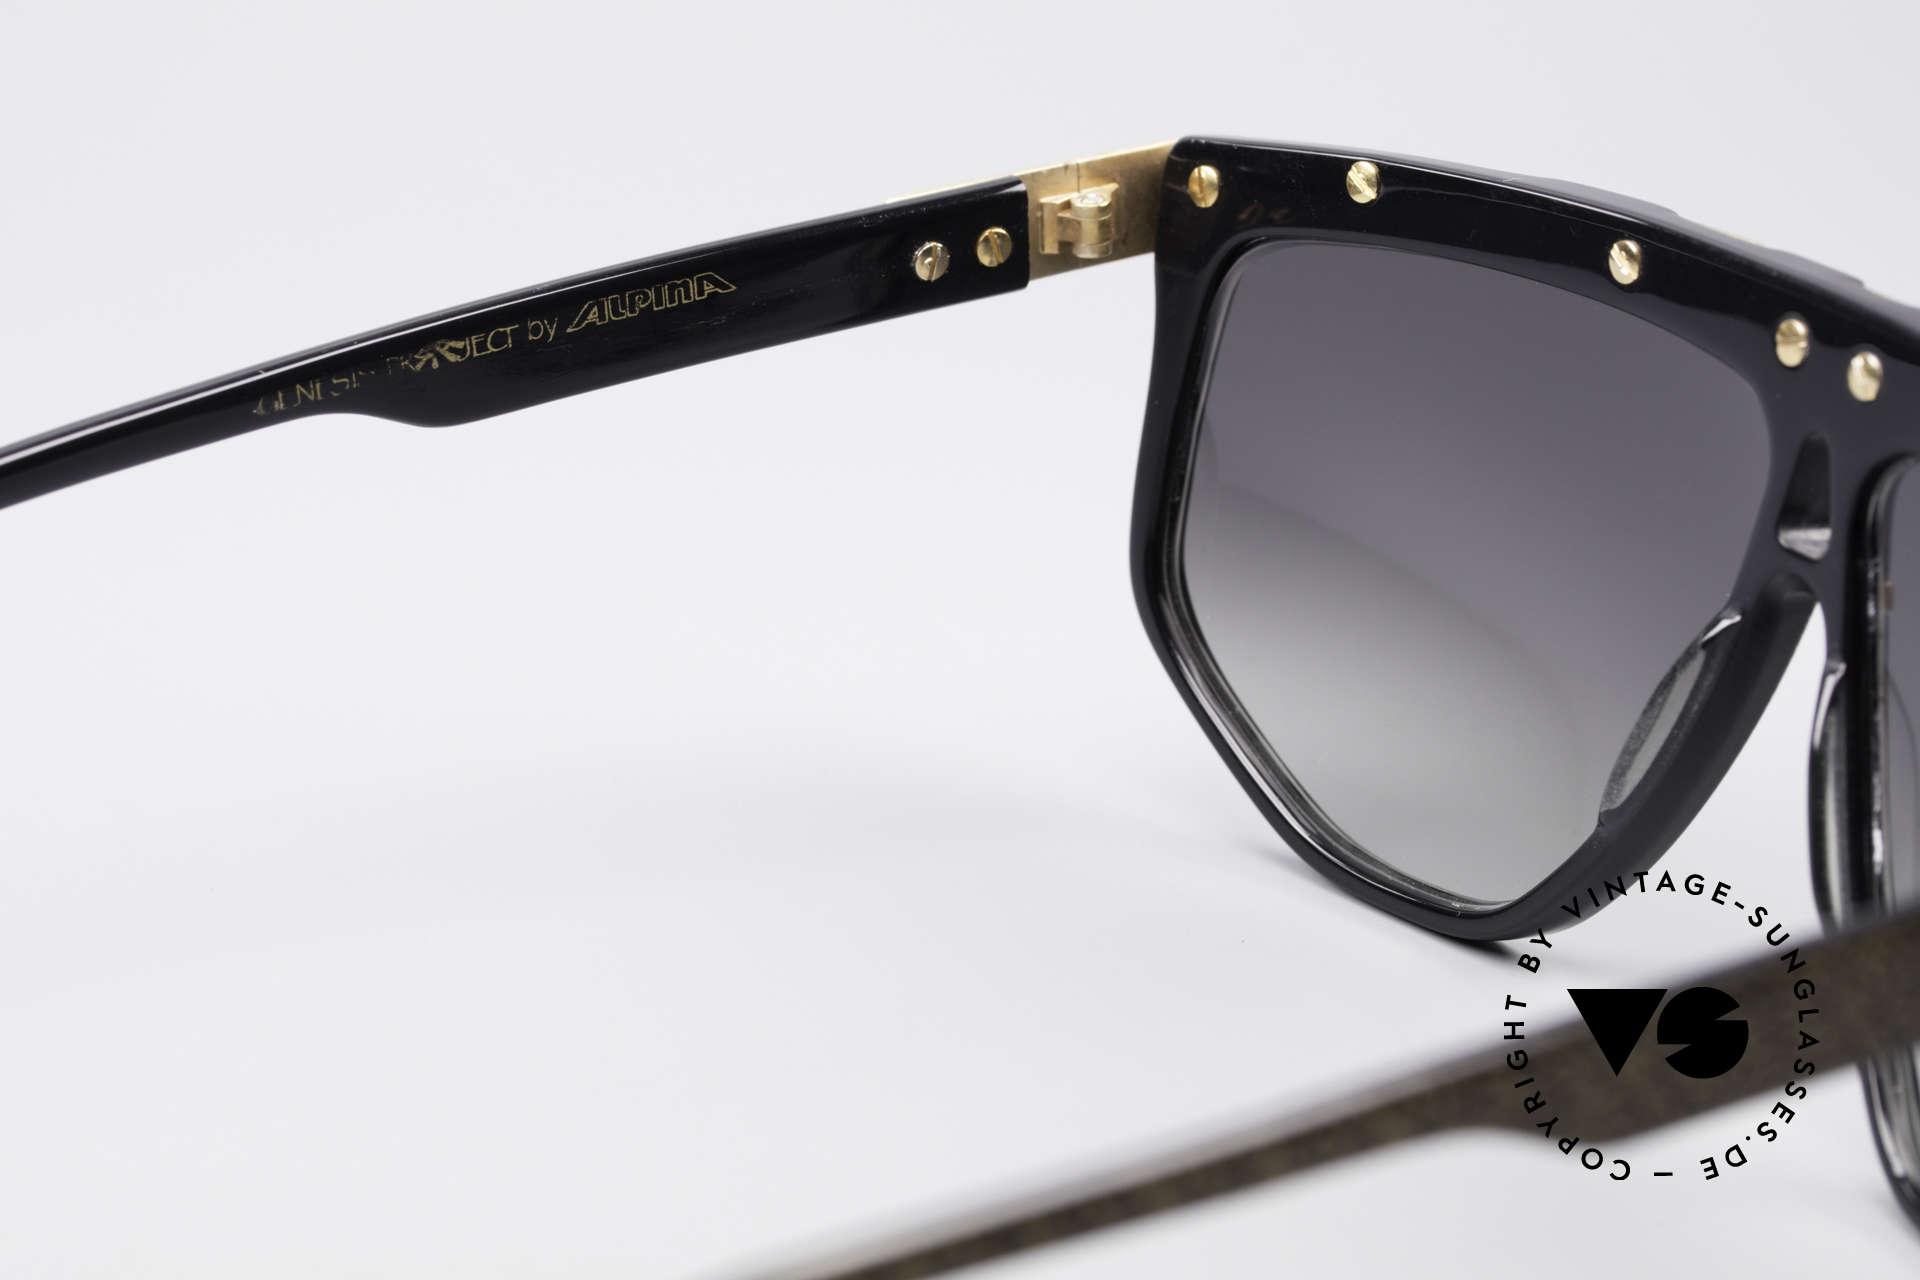 Alpina G82 Vergoldete 80er Sonnenbrille, KEINE RETROMODE; Unikat von 1985 + Versace Etui, Passend für Herren und Damen